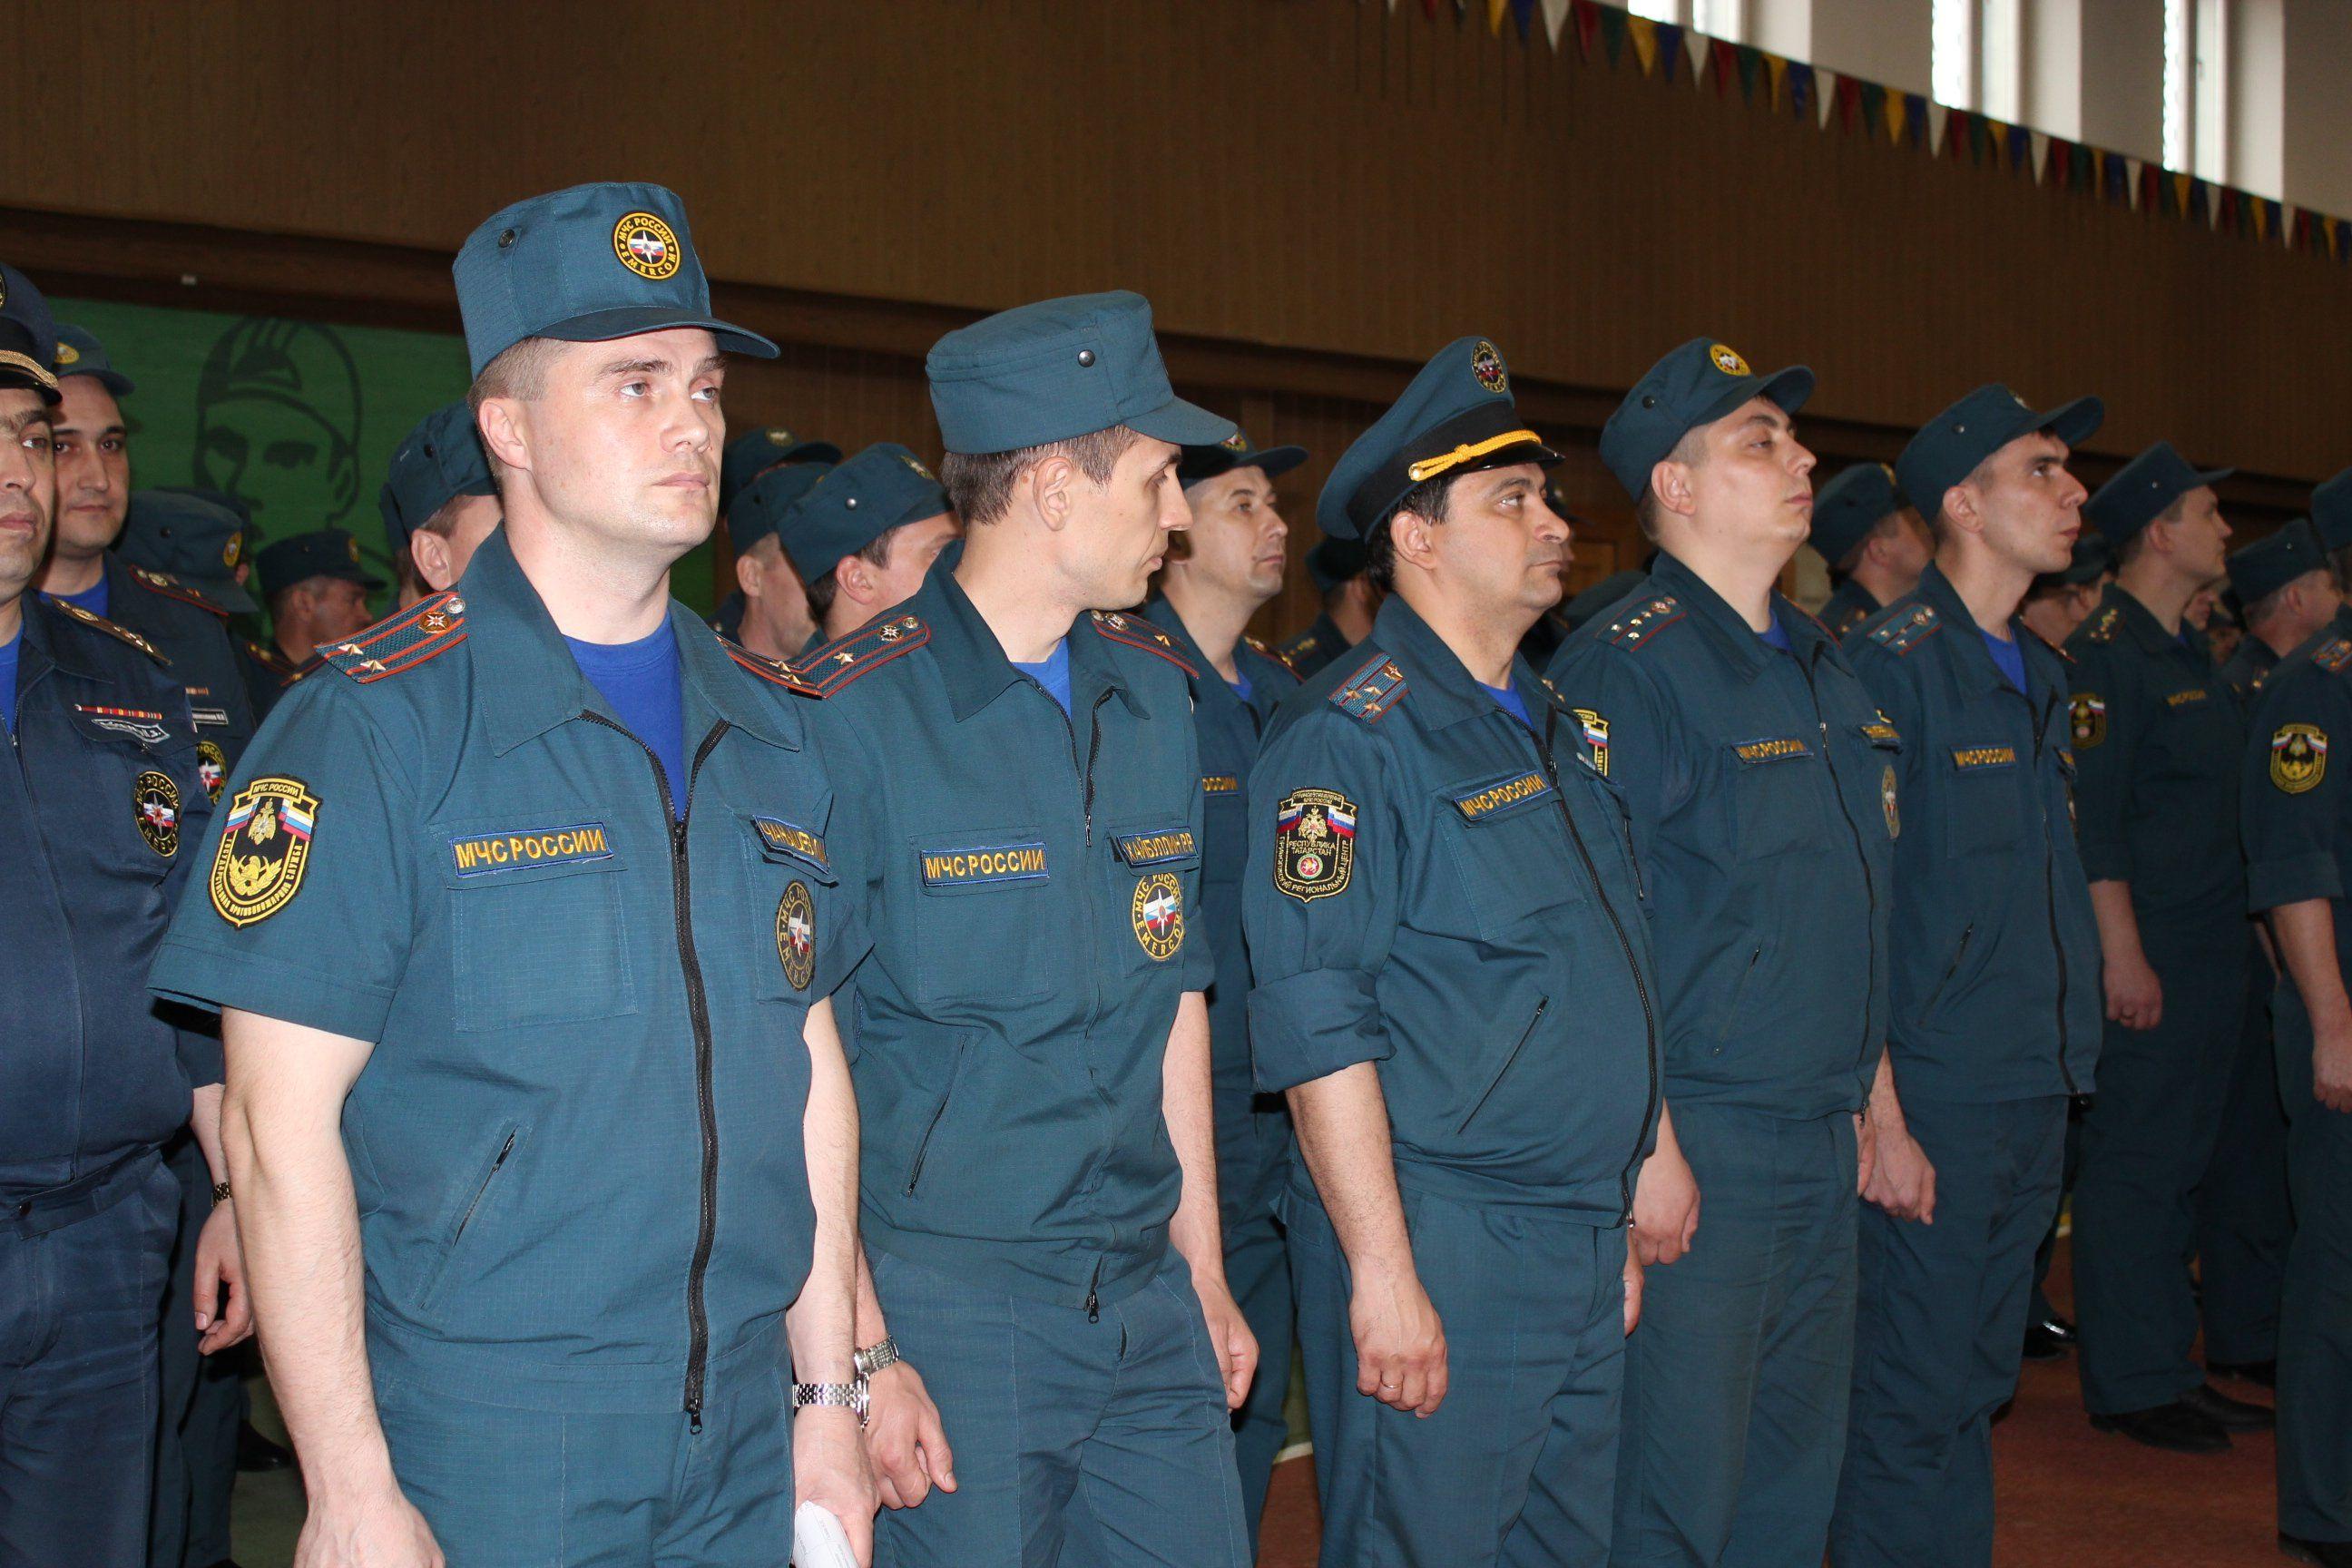 службы предприятия ульяновскоблгаз и городских спасательных служб различных ведомств и подразделений